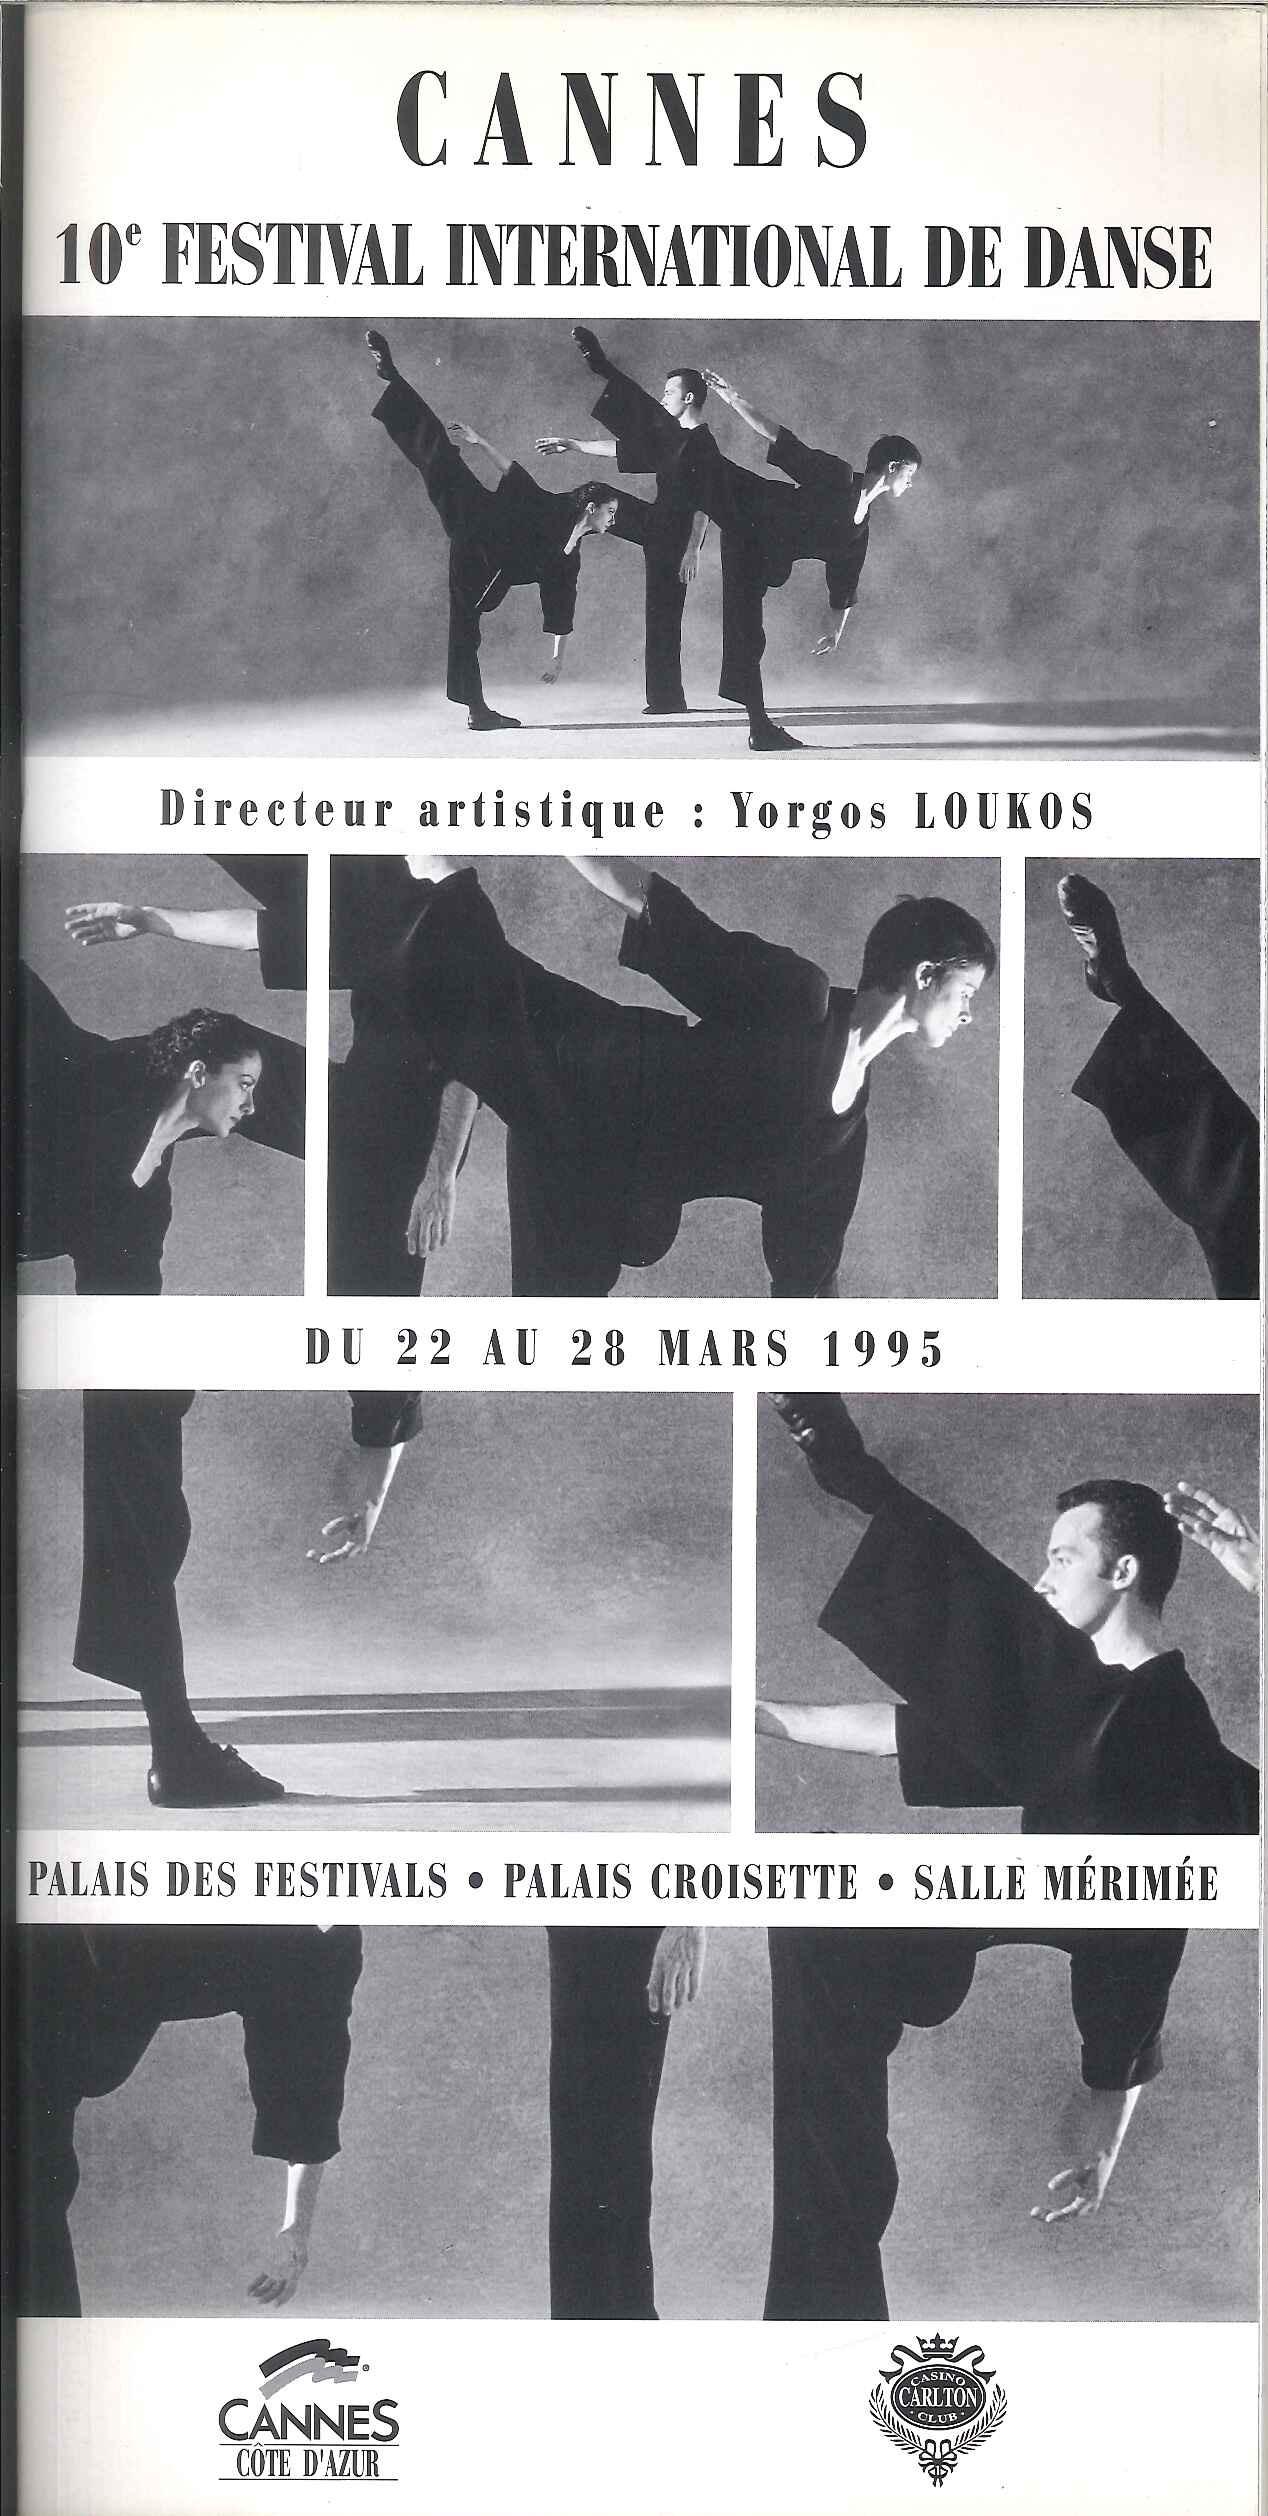 Festival de Danse Cannes 1995